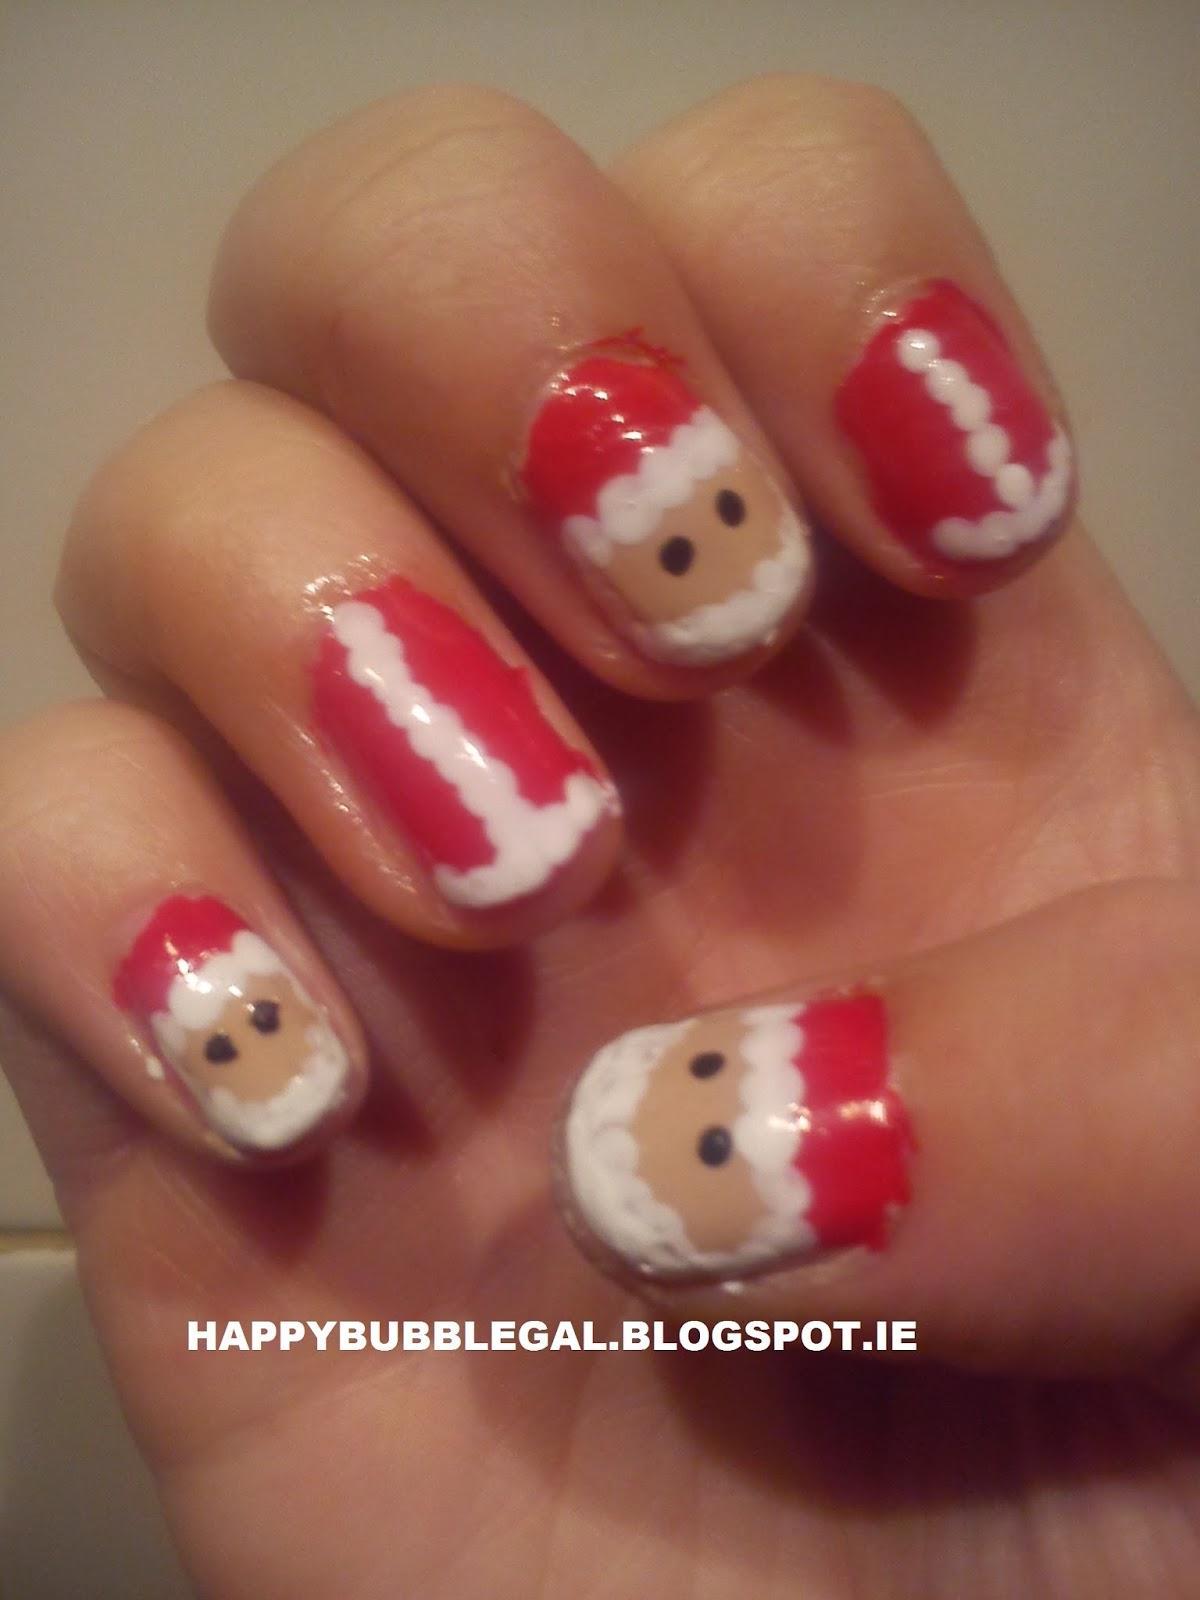 Happy bubble gal christmas nail art santa nails christmas nail art santa nails prinsesfo Choice Image